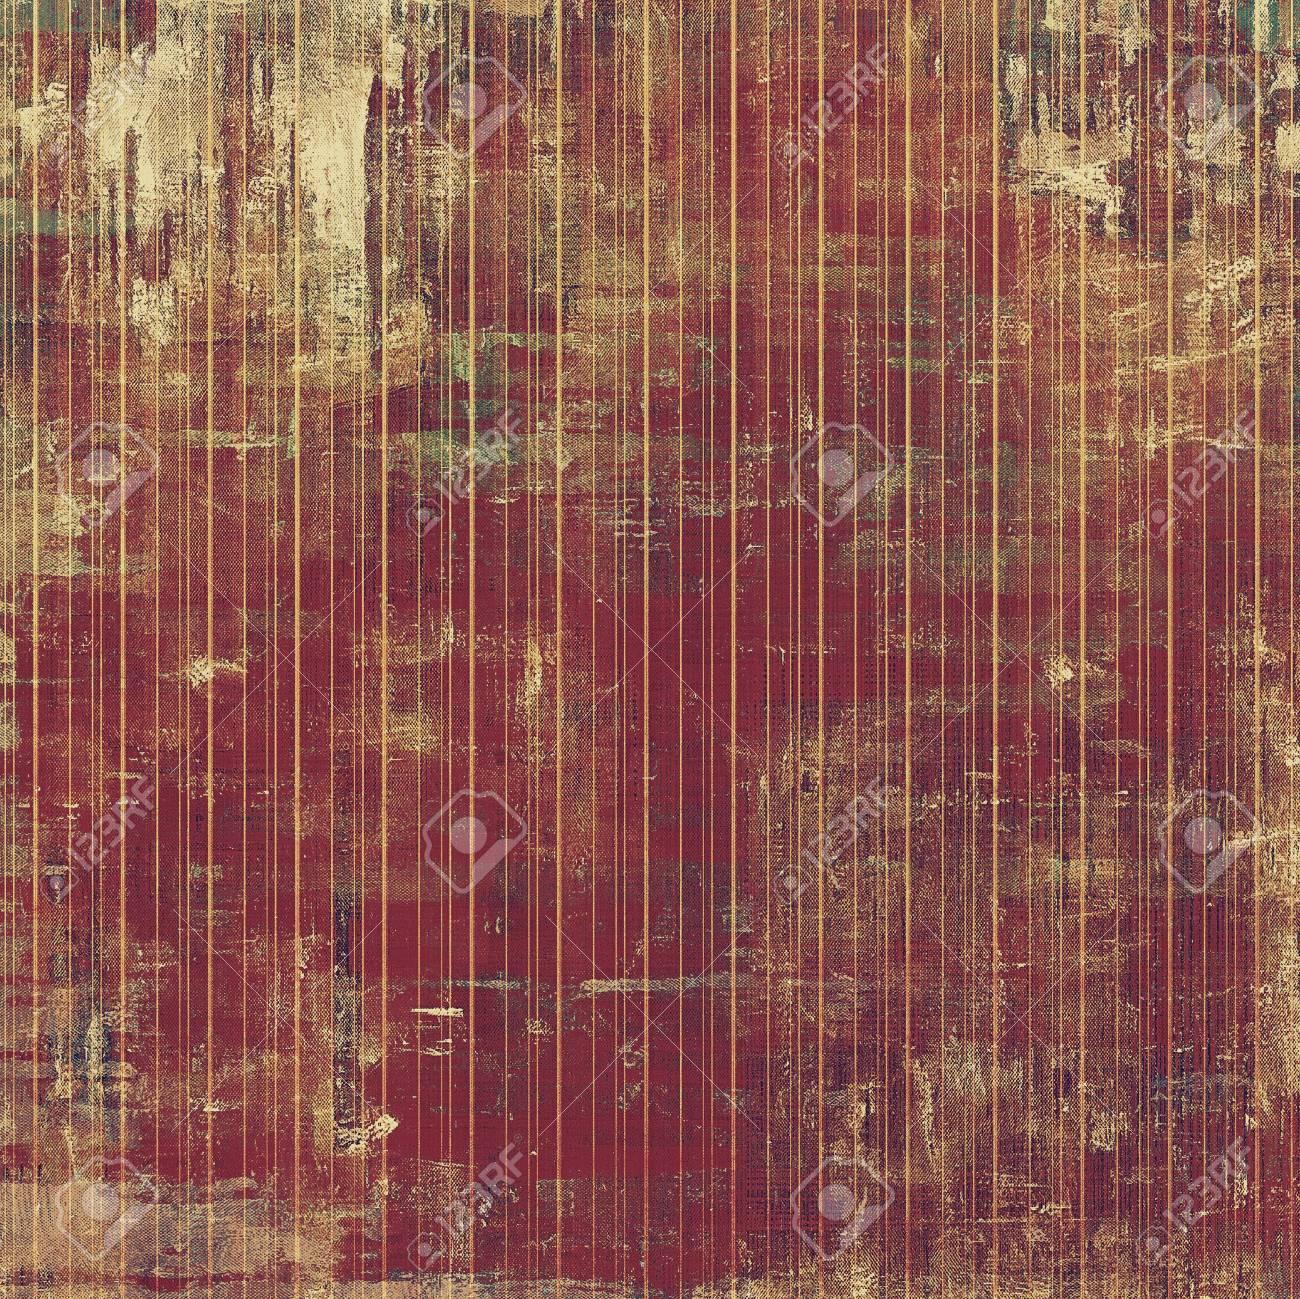 Immagini Stock I Più Vecchi Vintage Sfondo In Stile Grunge Antico